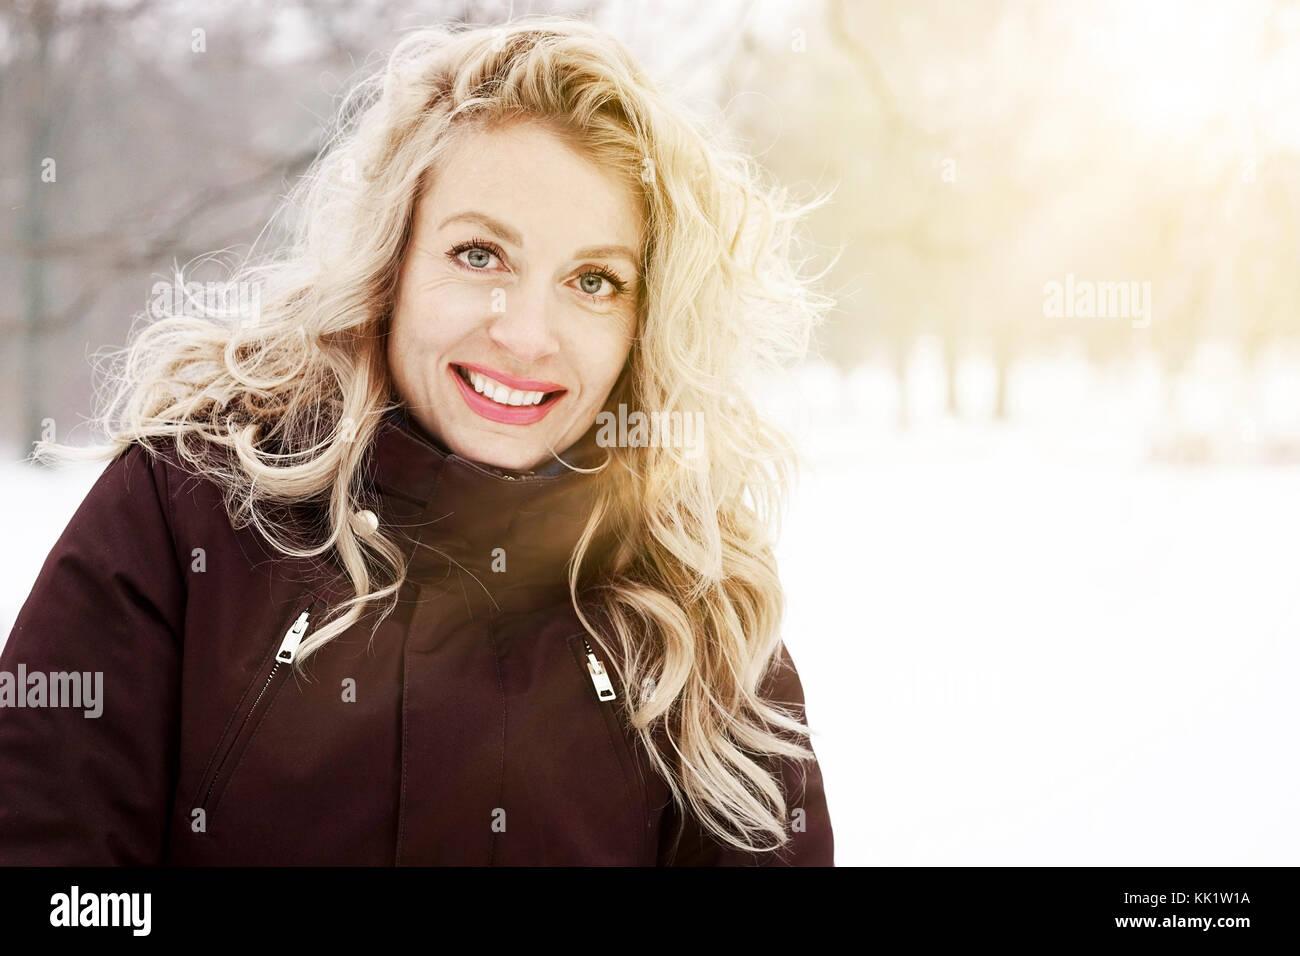 Femme blonde en paysage d'hiver avec sun flare Banque D'Images